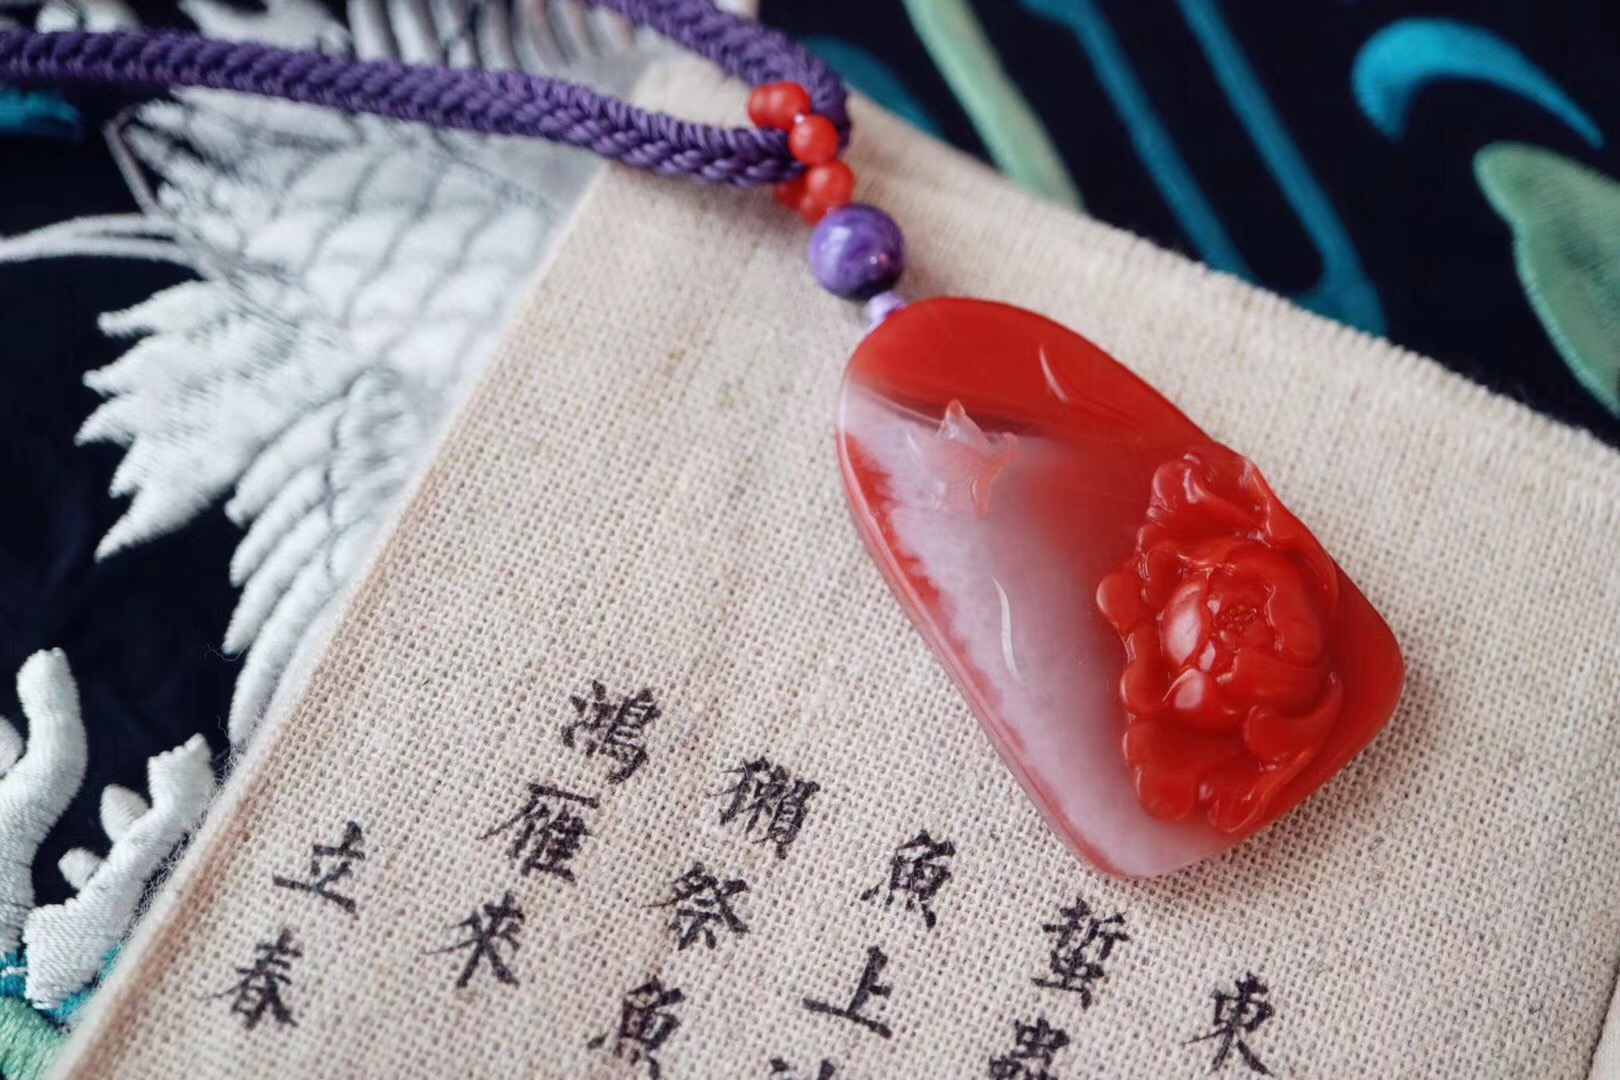 【菩心保山南红   蝶恋花】又一款经典之作,温润如斯,玉质感很赞-菩心晶舍